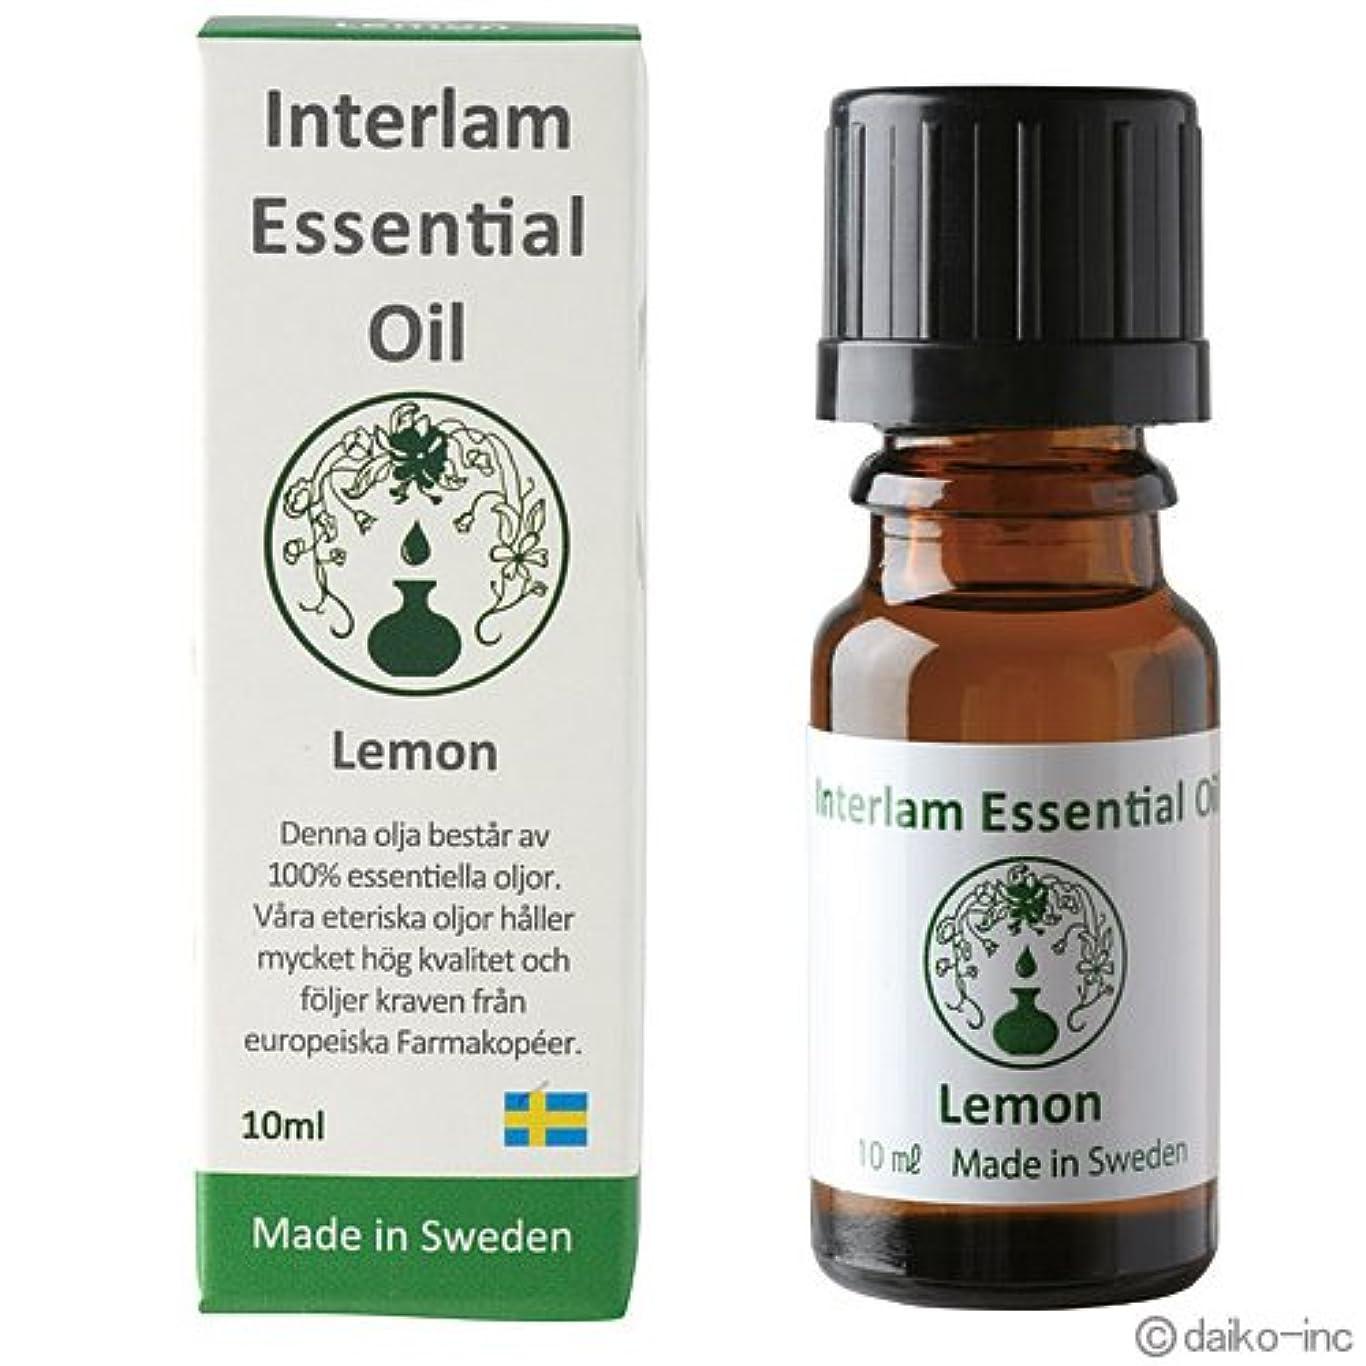 ブリリアント憲法とげのあるInterlam Essential Oil レモン 10ml